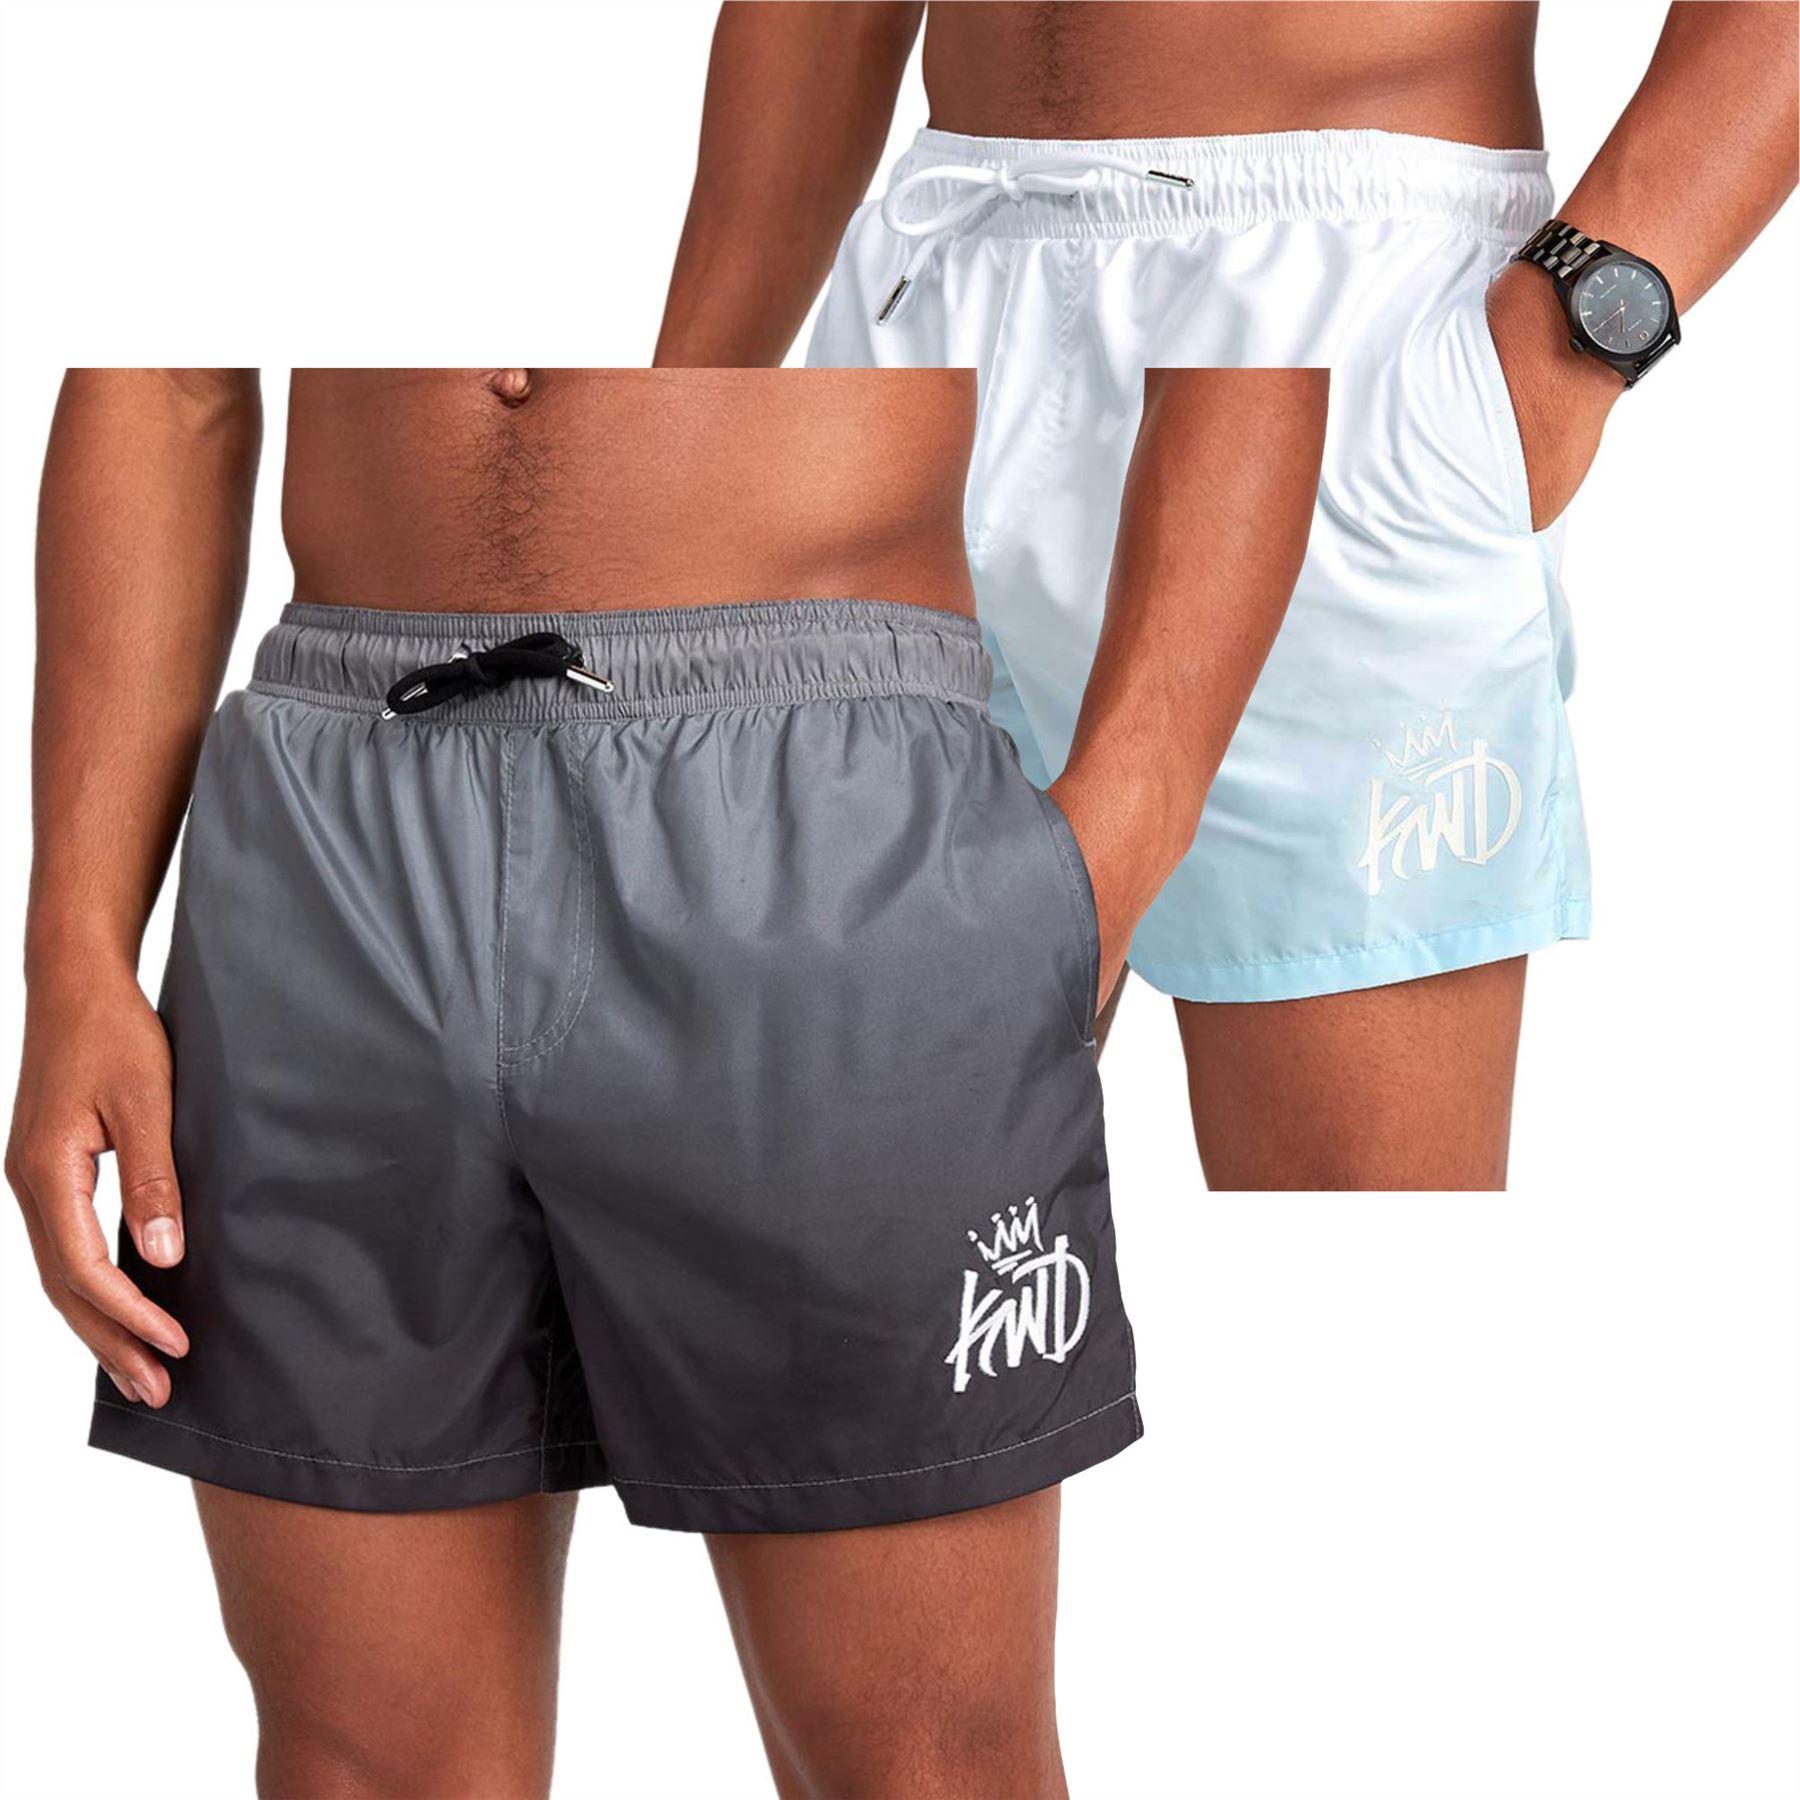 dcc0f8e4e4 Kings Will Dream Ansonia Ombre Swim Shorts - Grey, White - XS, S, M ...